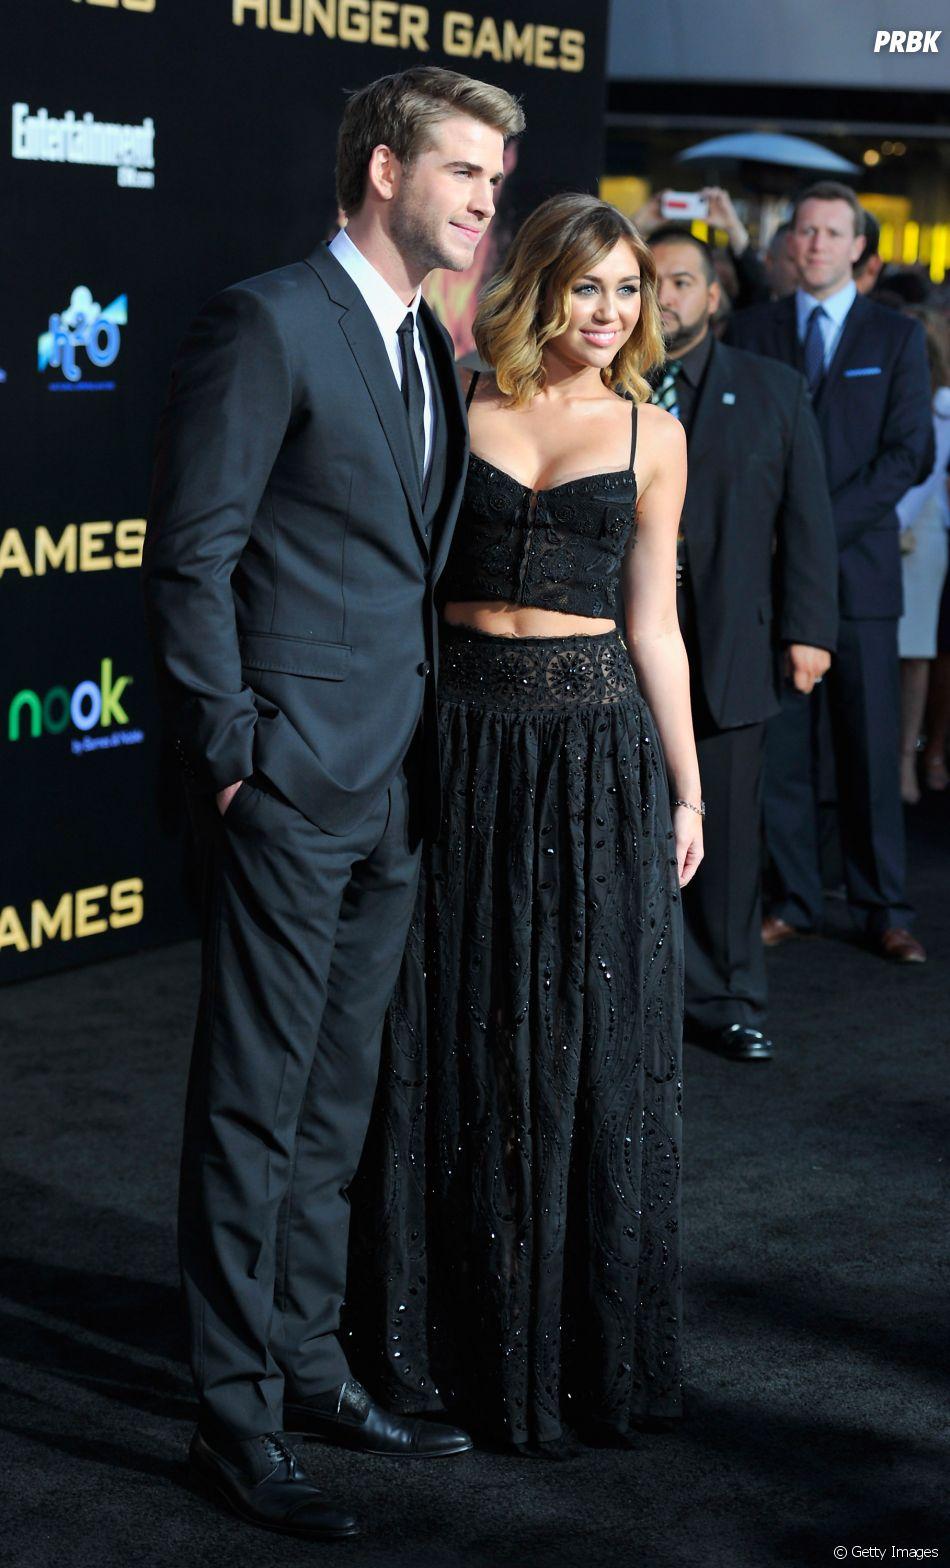 Após incêndio, Miley Cyrus e Liam Hemsworth se casam em cerimônia pequena no Tennessee